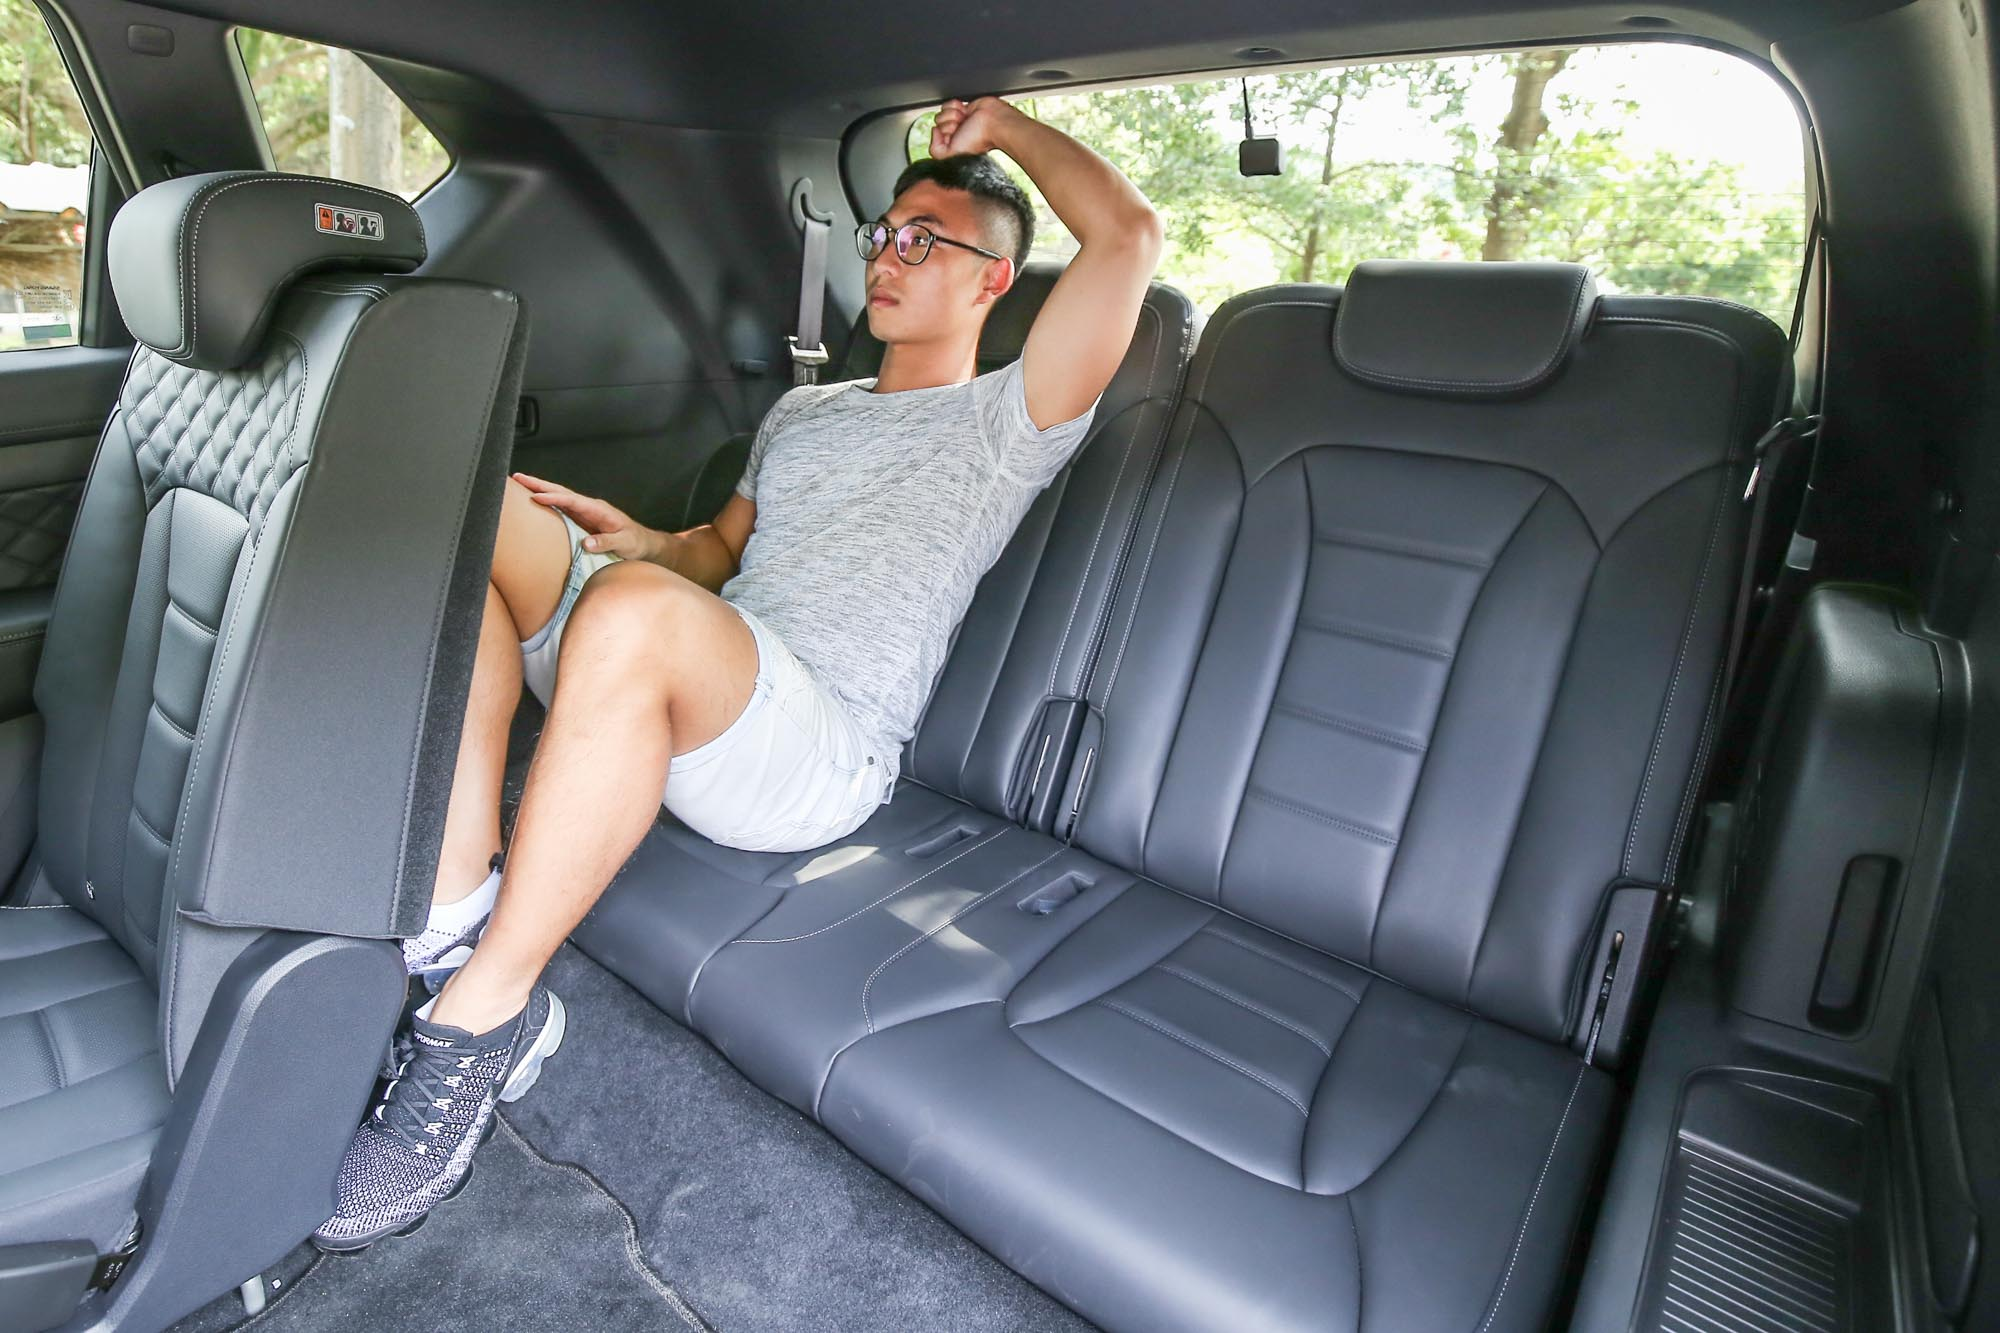 以 166cm 身高的成年男子入座,清楚說明第三排空間的表現,仍不建議成年人長途乘坐。